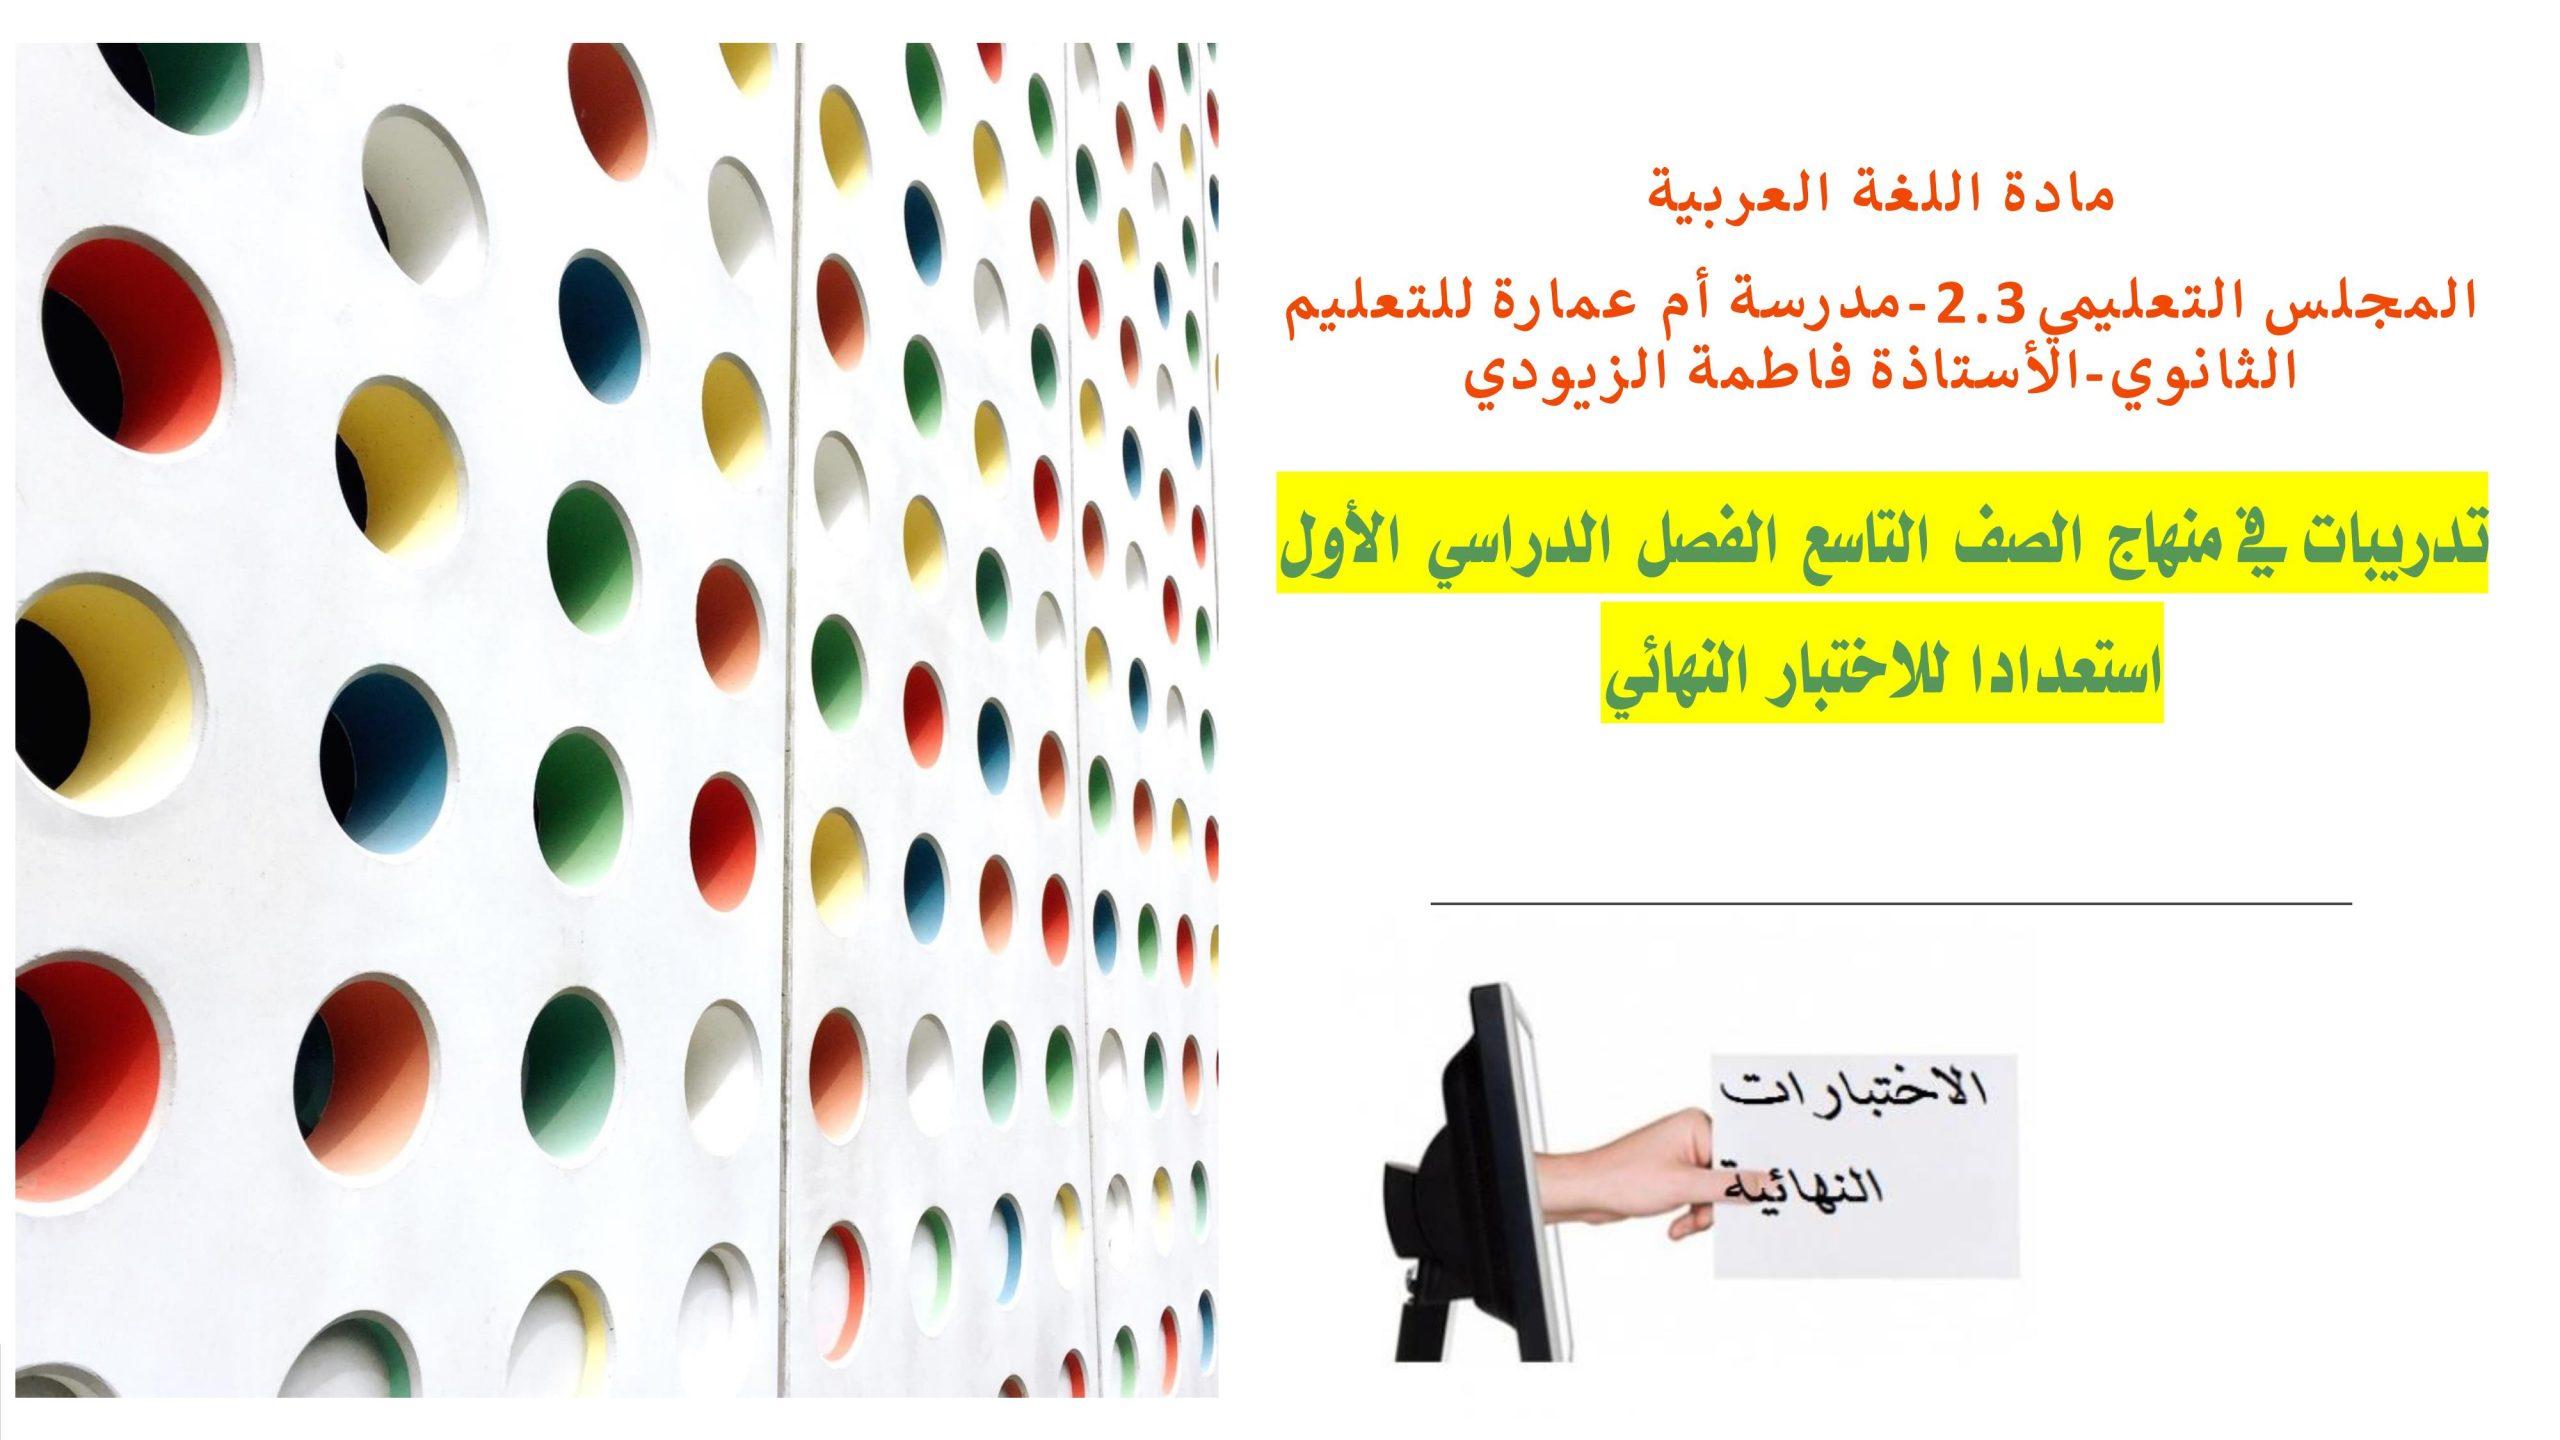 تدريبات مراجعة الفصل الدراسي الاول الصف التاسع مادة اللغة العربية